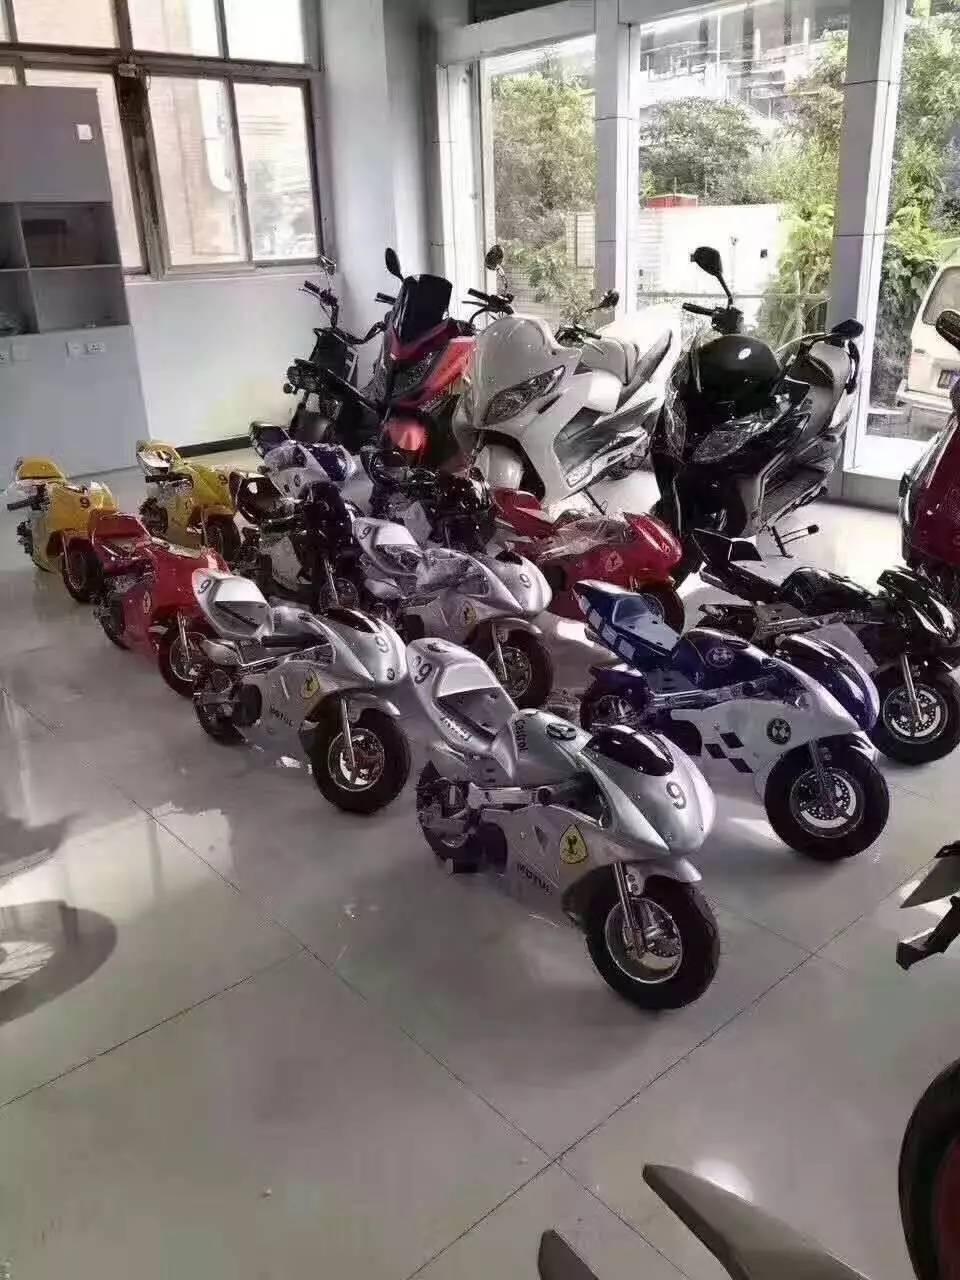 0首付按揭品牌,摩托手续齐全,种类齐全